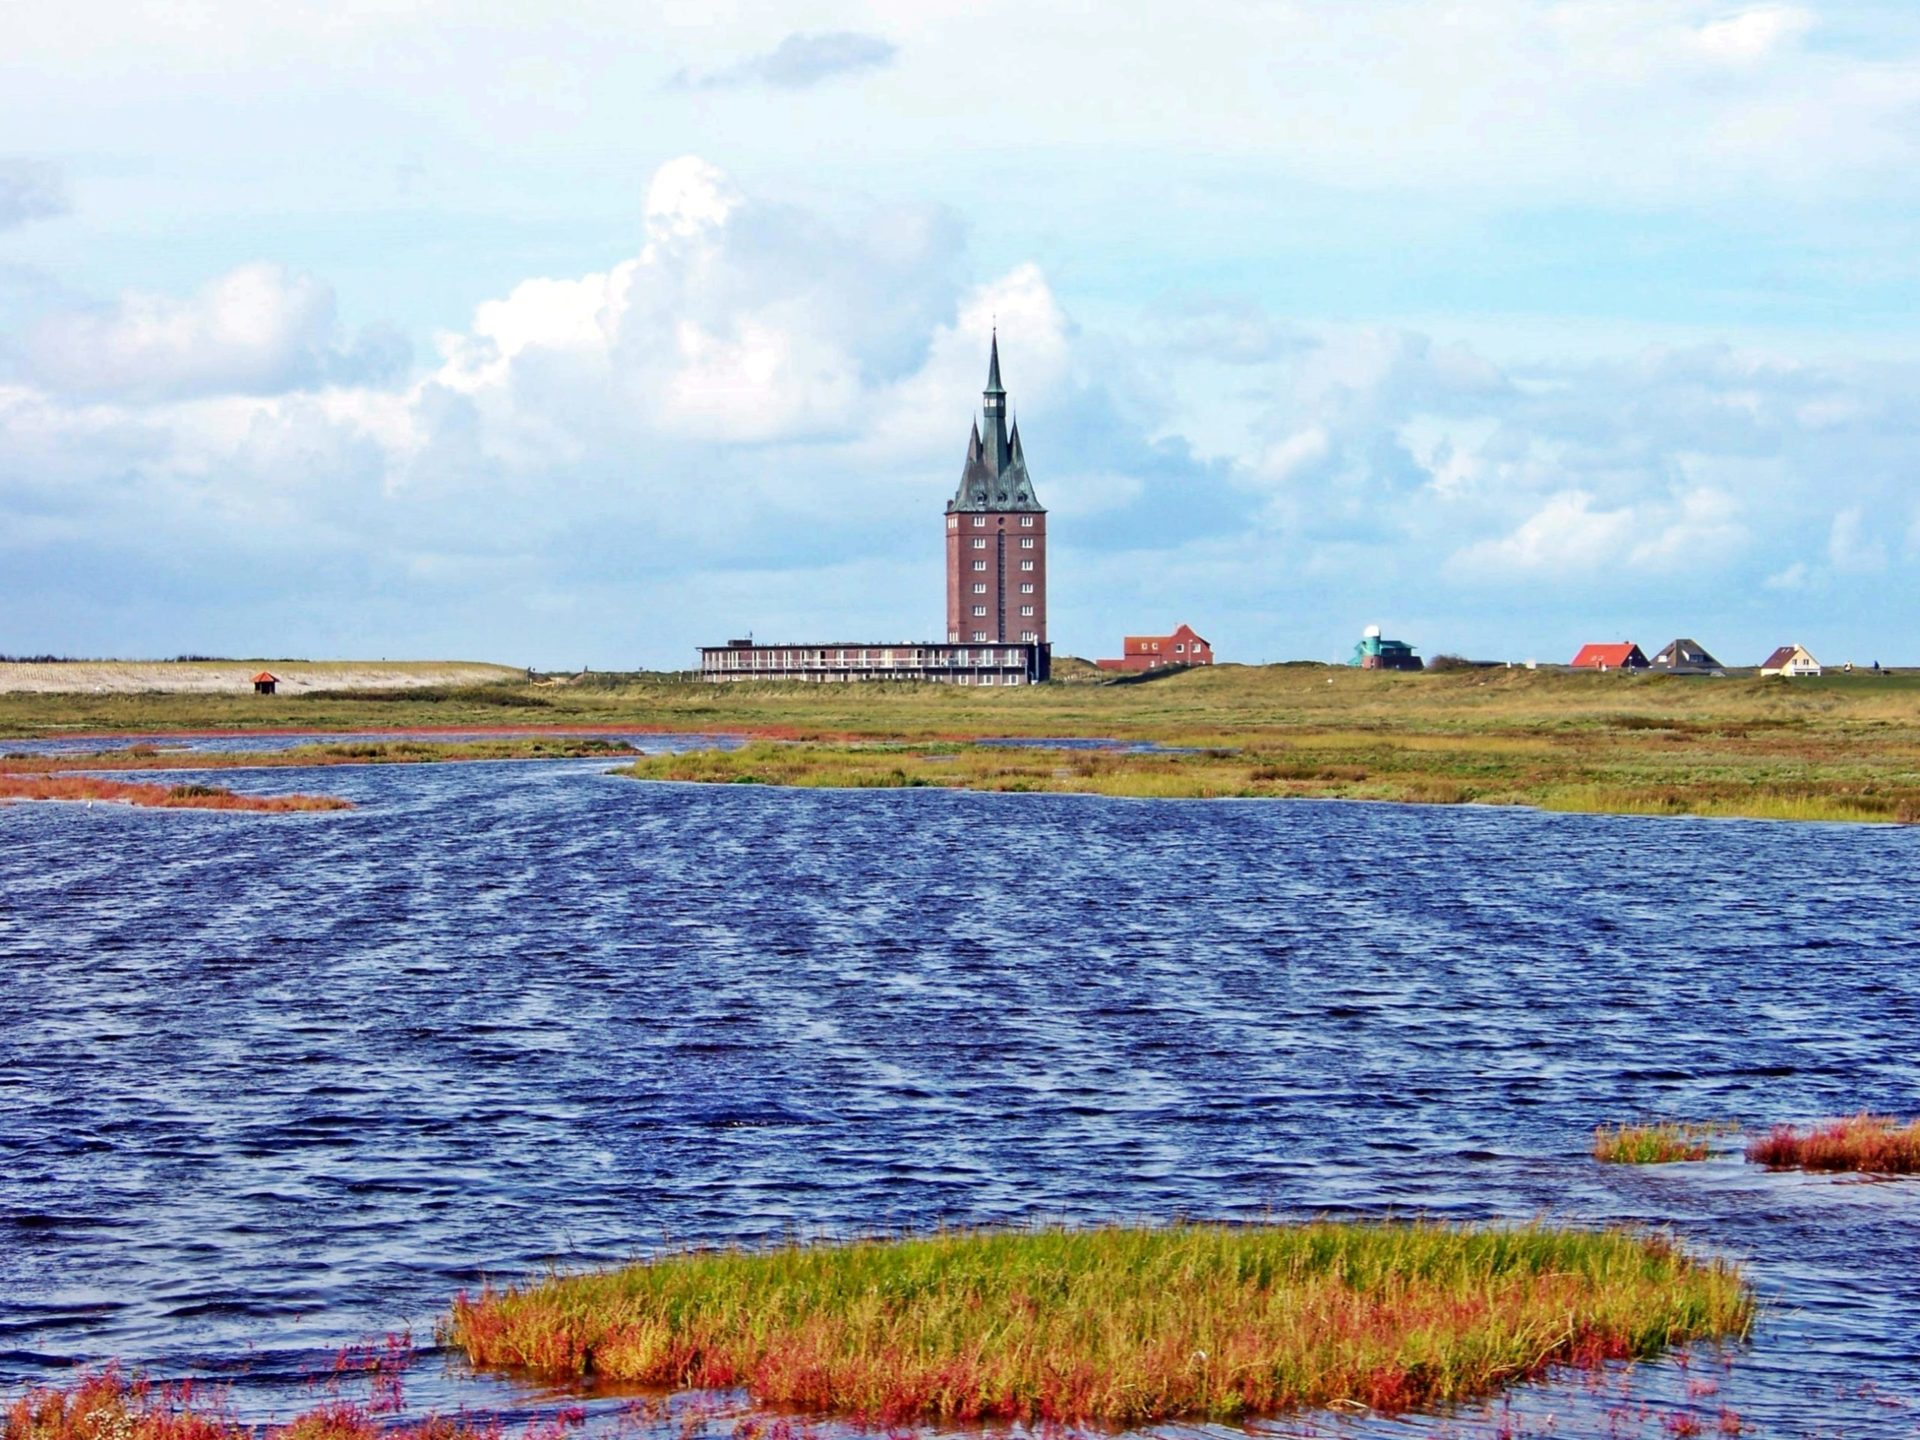 Wassertemperatur Wangerooge: See mit Westturm aus Ziegelstein (Jugendherberge)